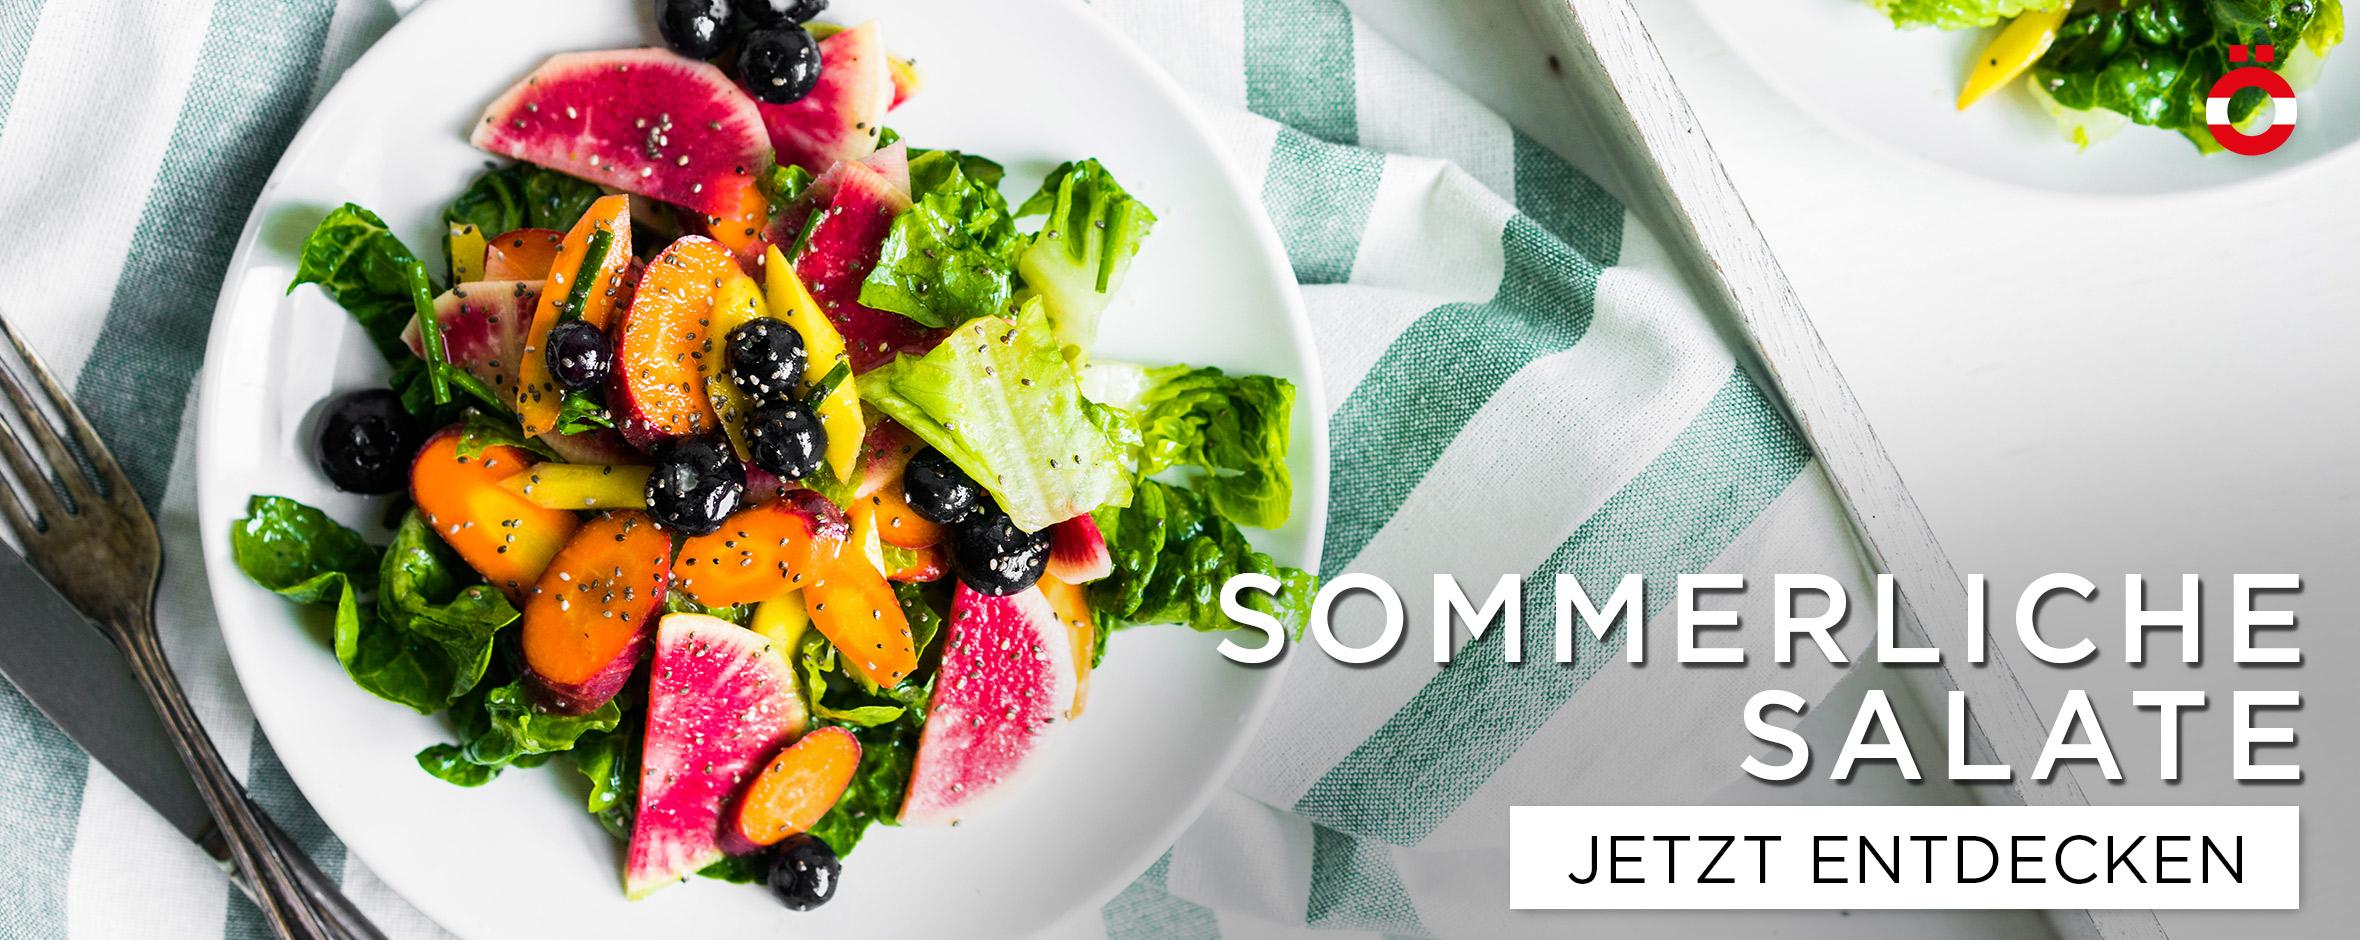 Somerliche Salate